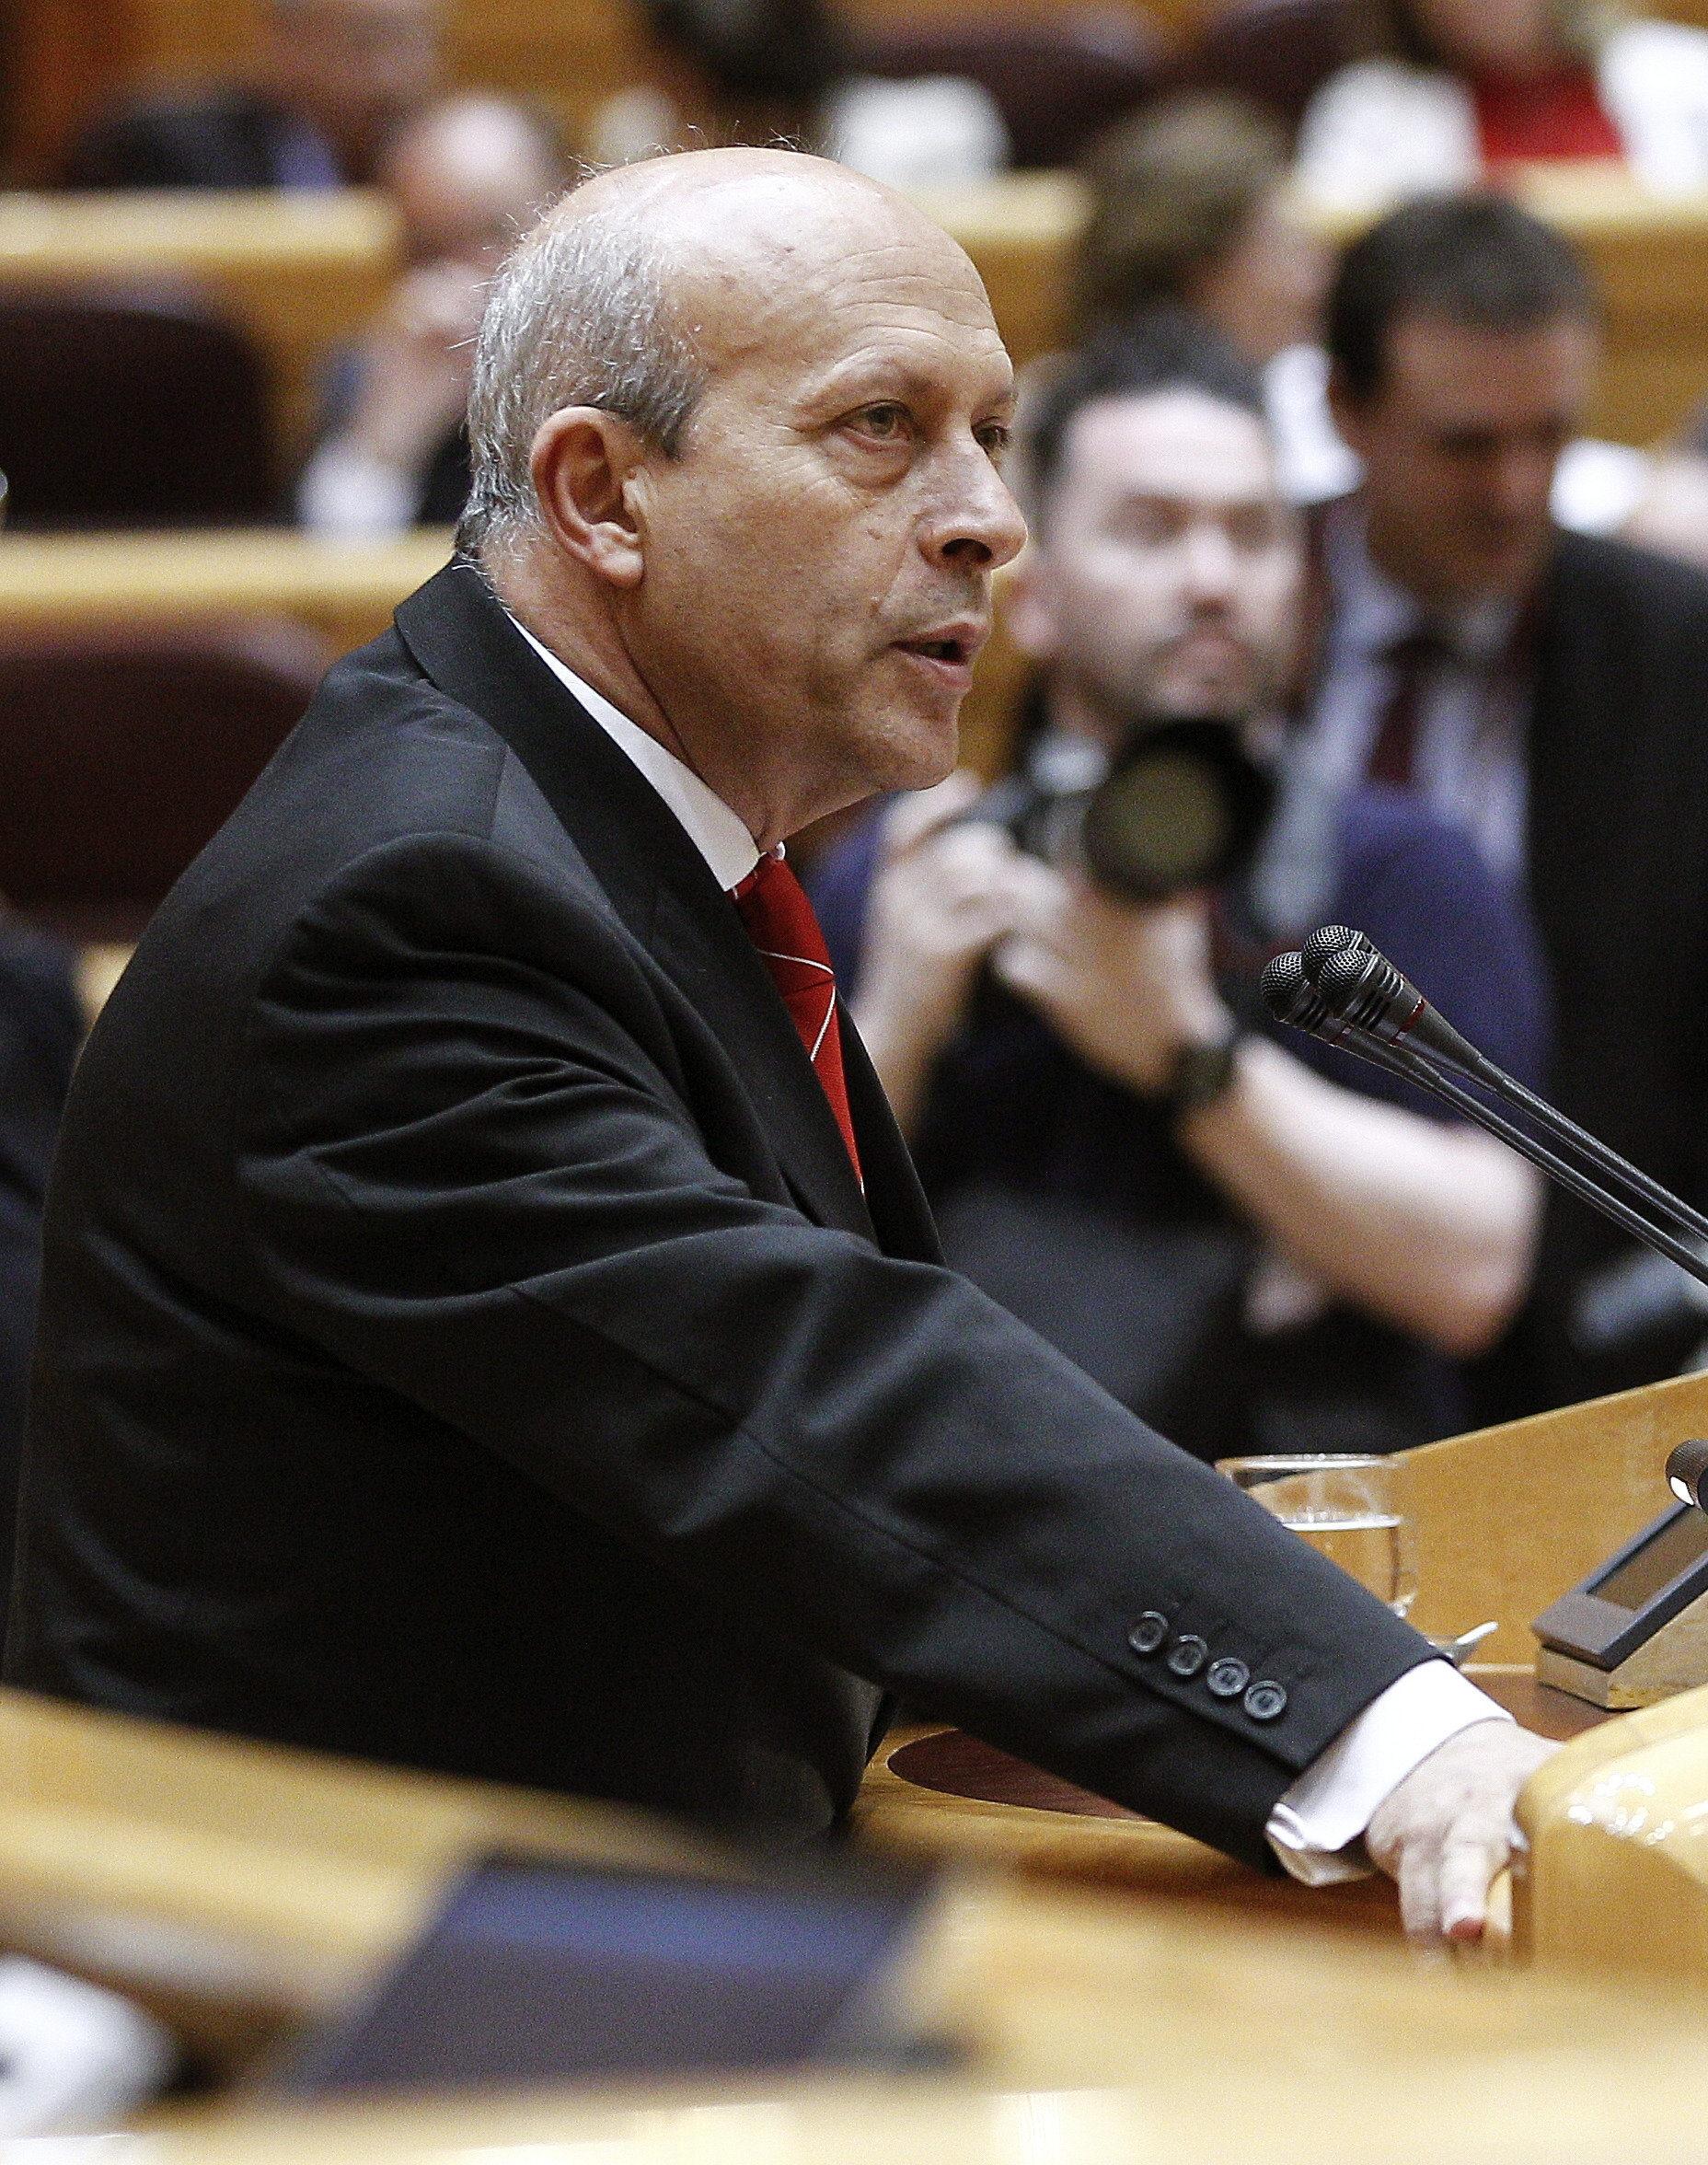 Wert defiende hoy en el Congreso el decreto de becas frente a las críticas